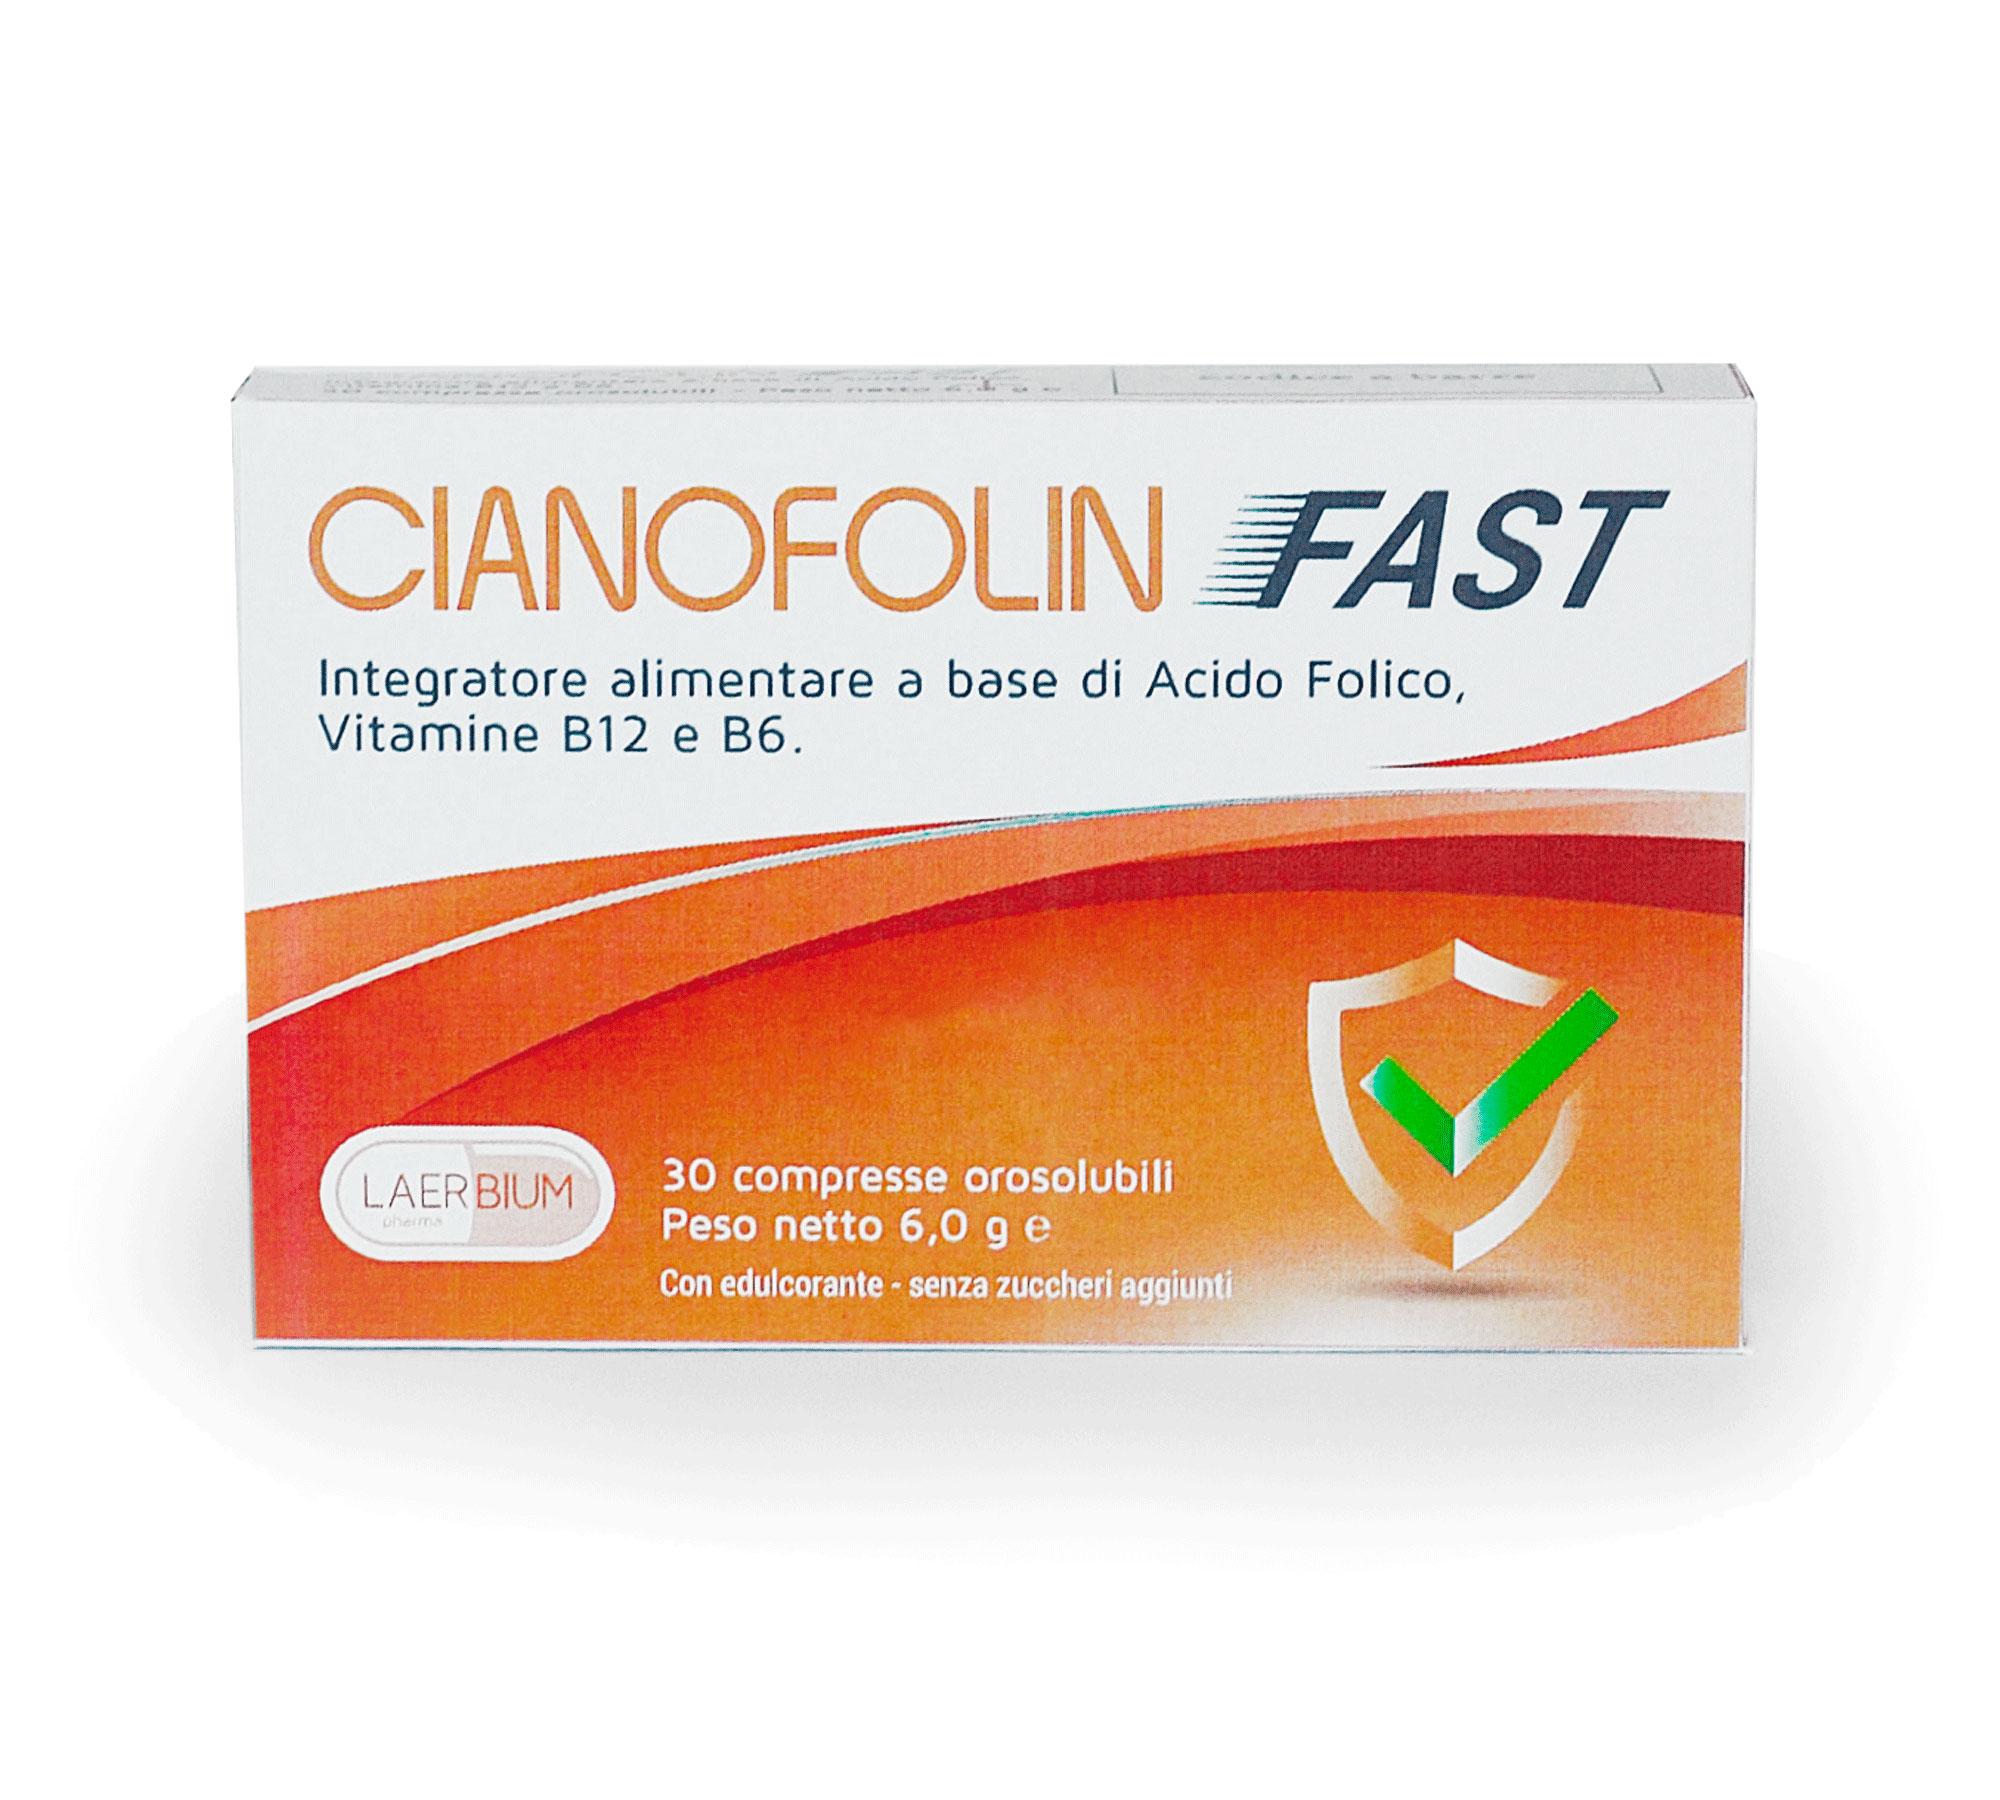 Cianofolin FAST